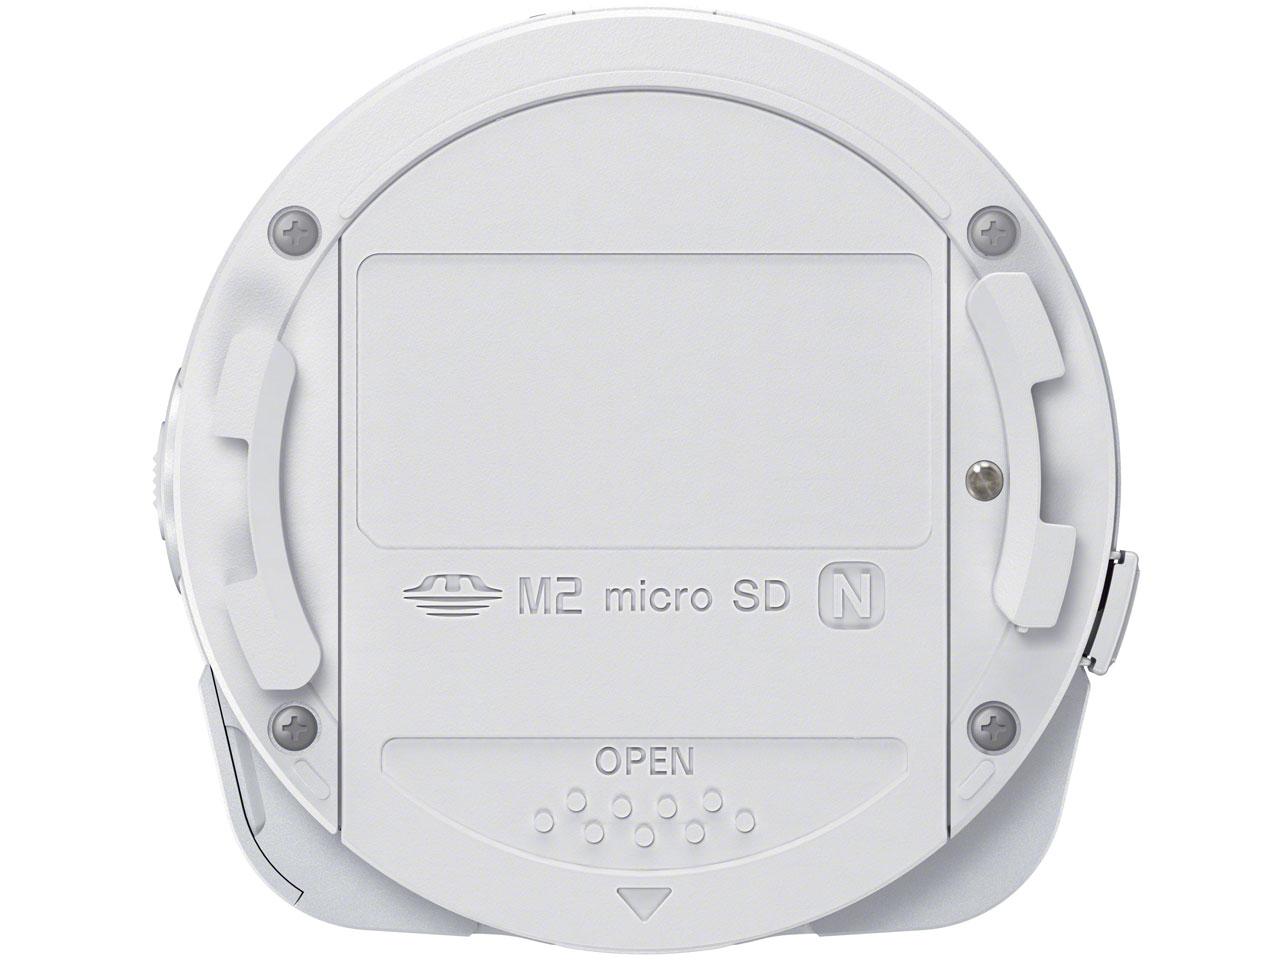 『本体 背面』 サイバーショット DSC-QX10 (W) [ホワイト] の製品画像